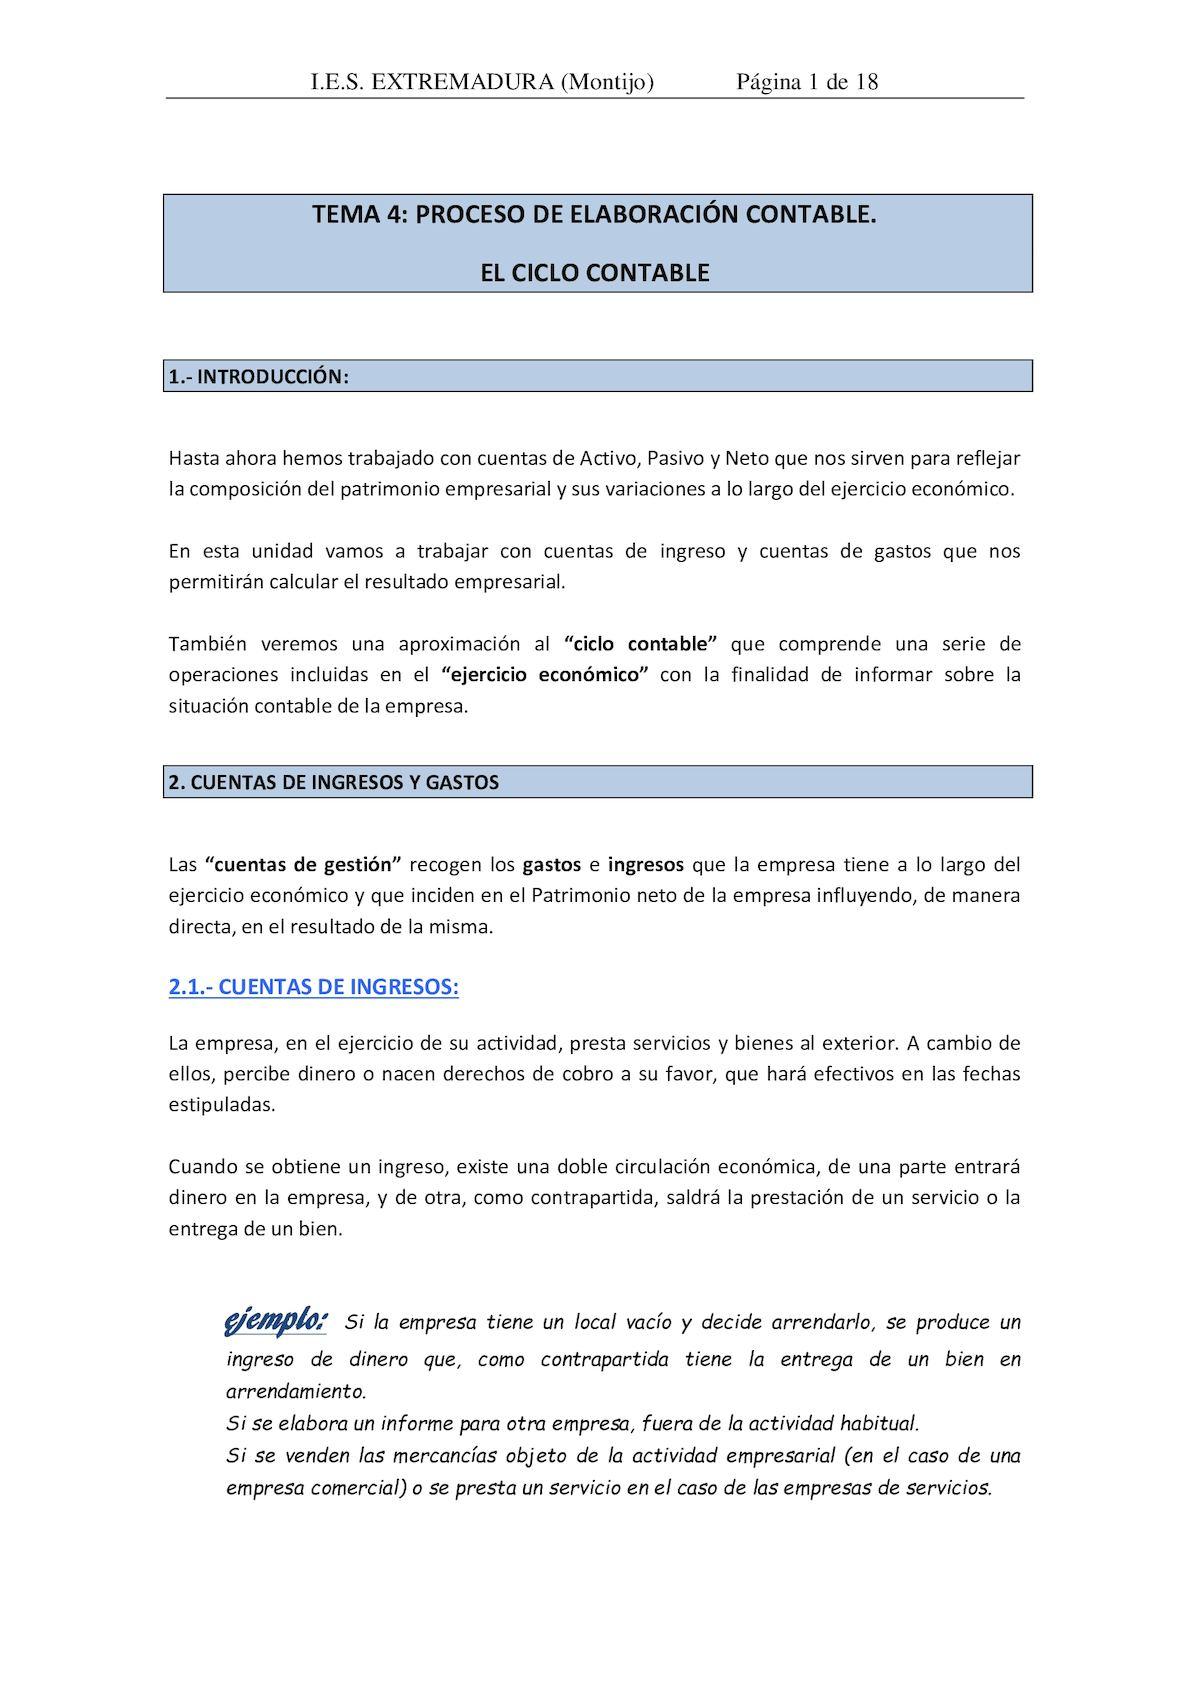 Tema 4 Proceso De Elaboración Contable El Ciclo Contable